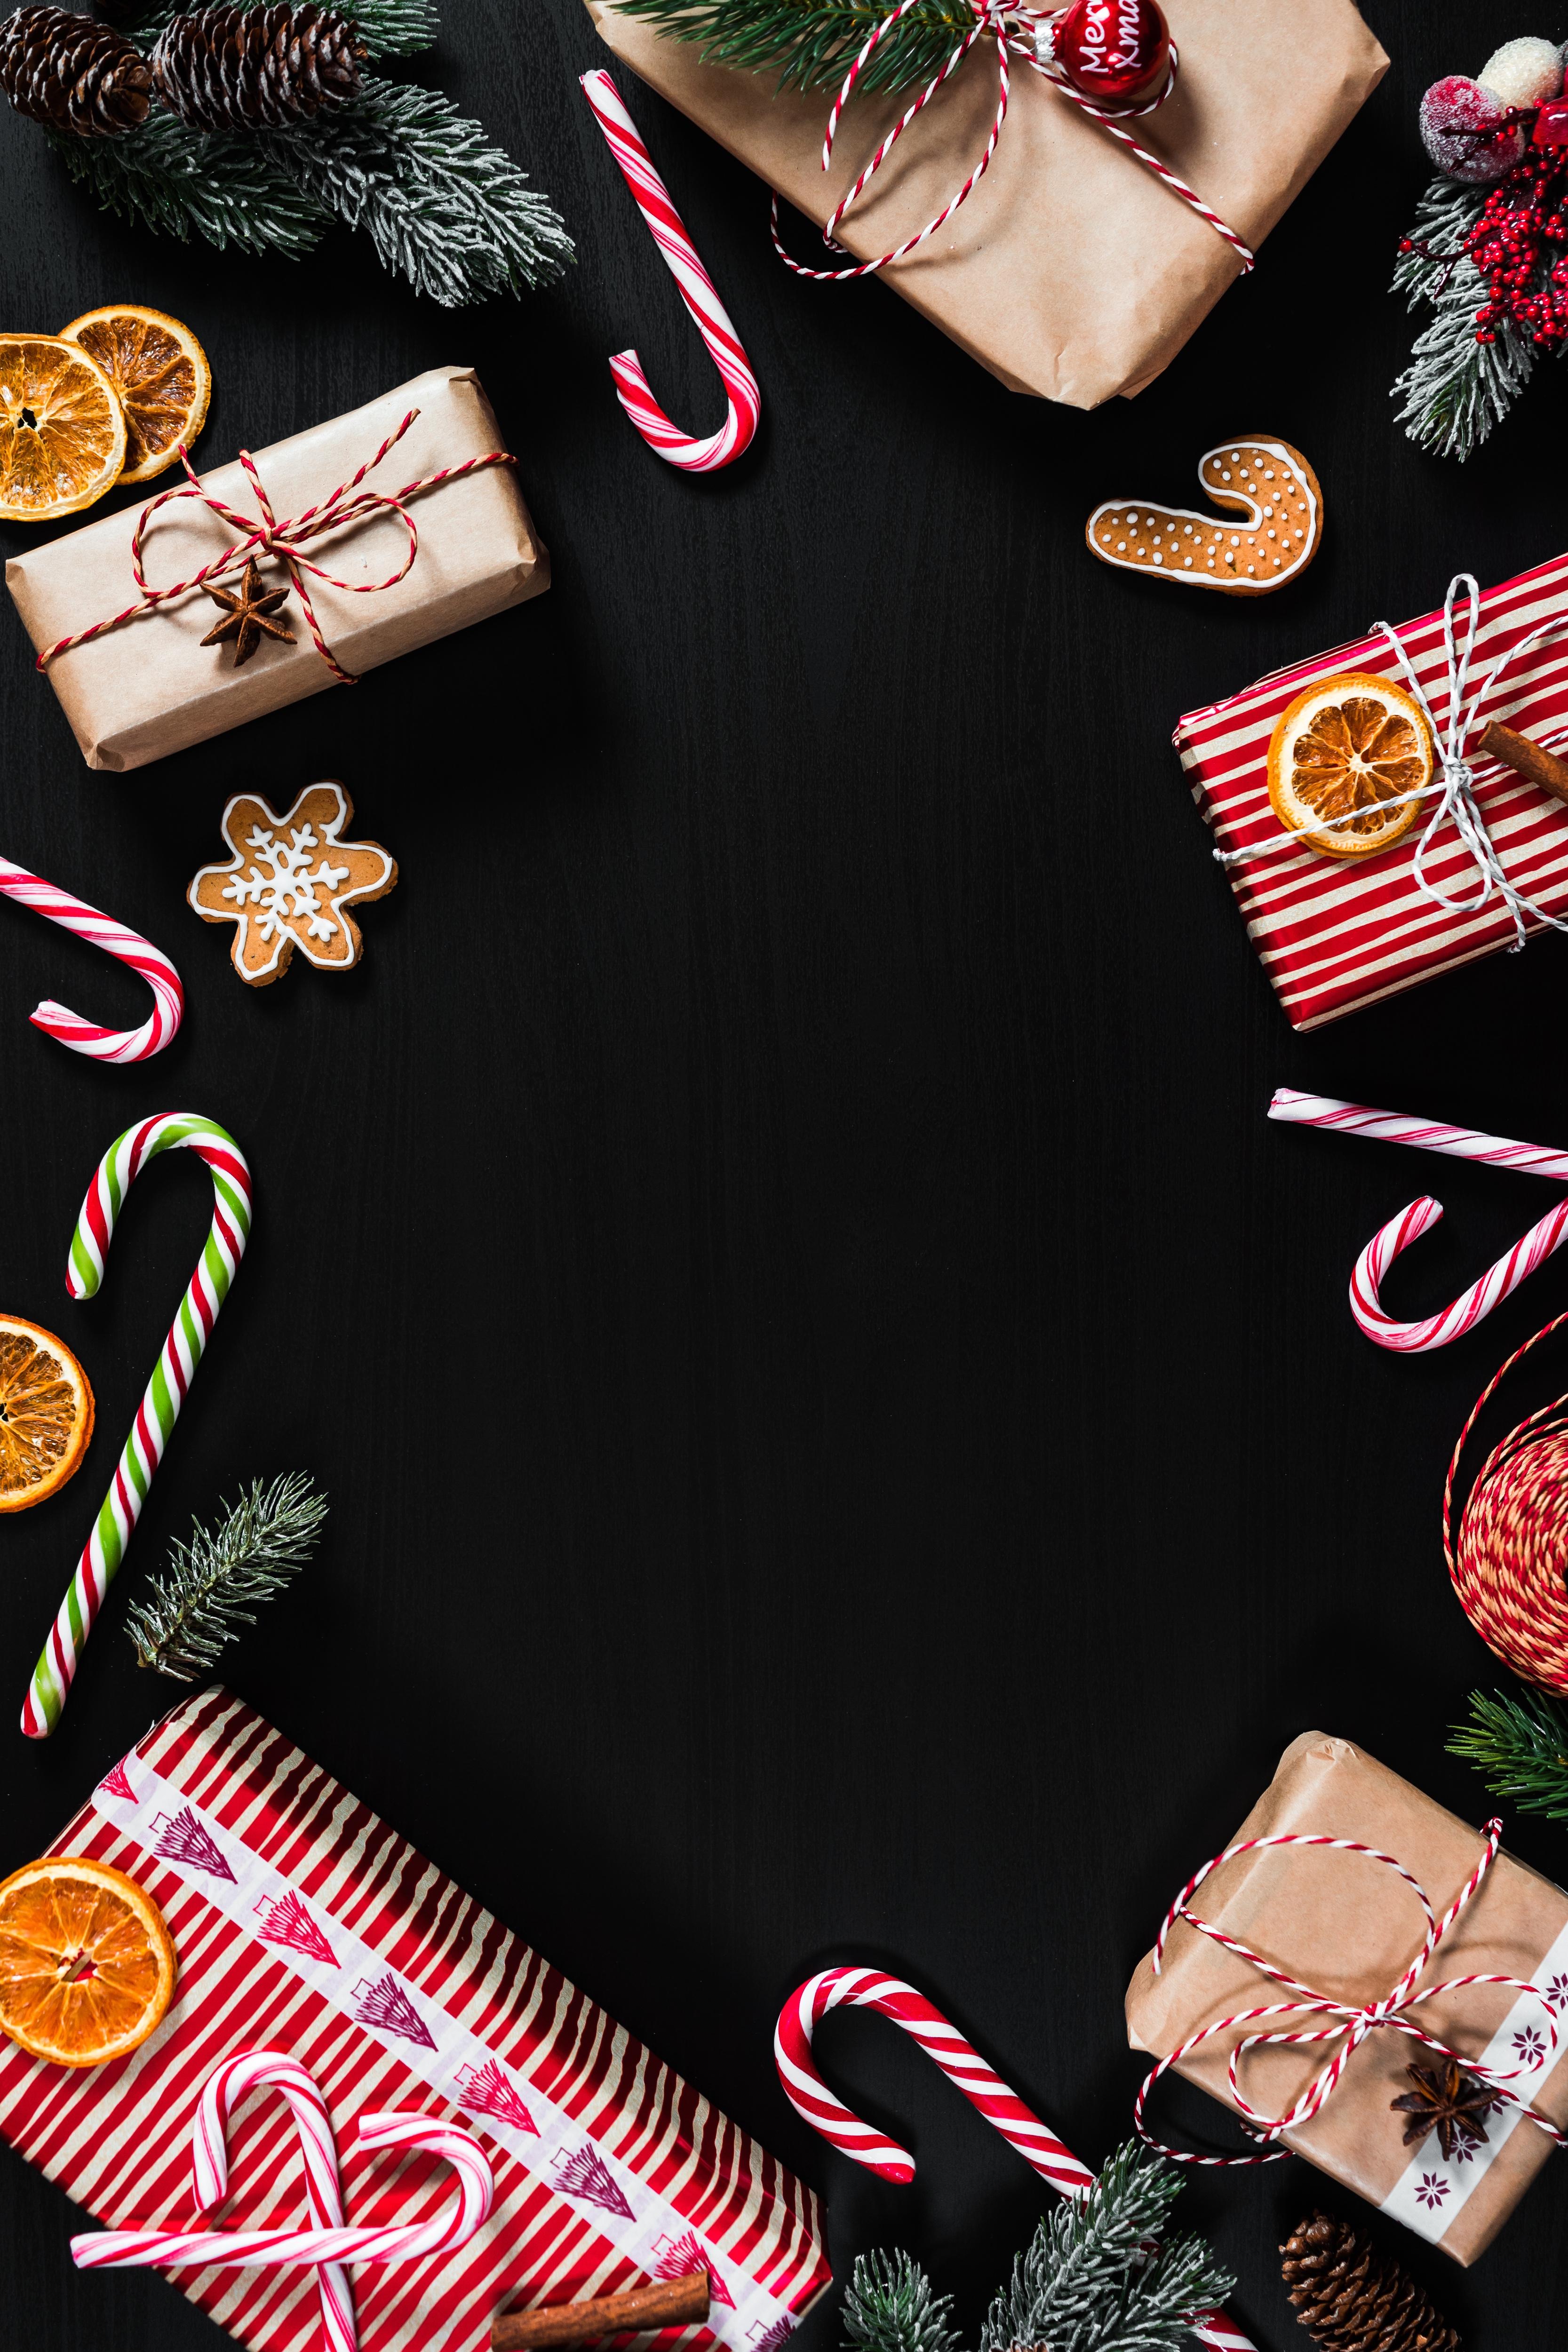 152461 Salvapantallas y fondos de pantalla Año Nuevo en tu teléfono. Descarga imágenes de Vacaciones, Presenta, Regalos, Navidad, Año Nuevo, Piruletas, Marco gratis